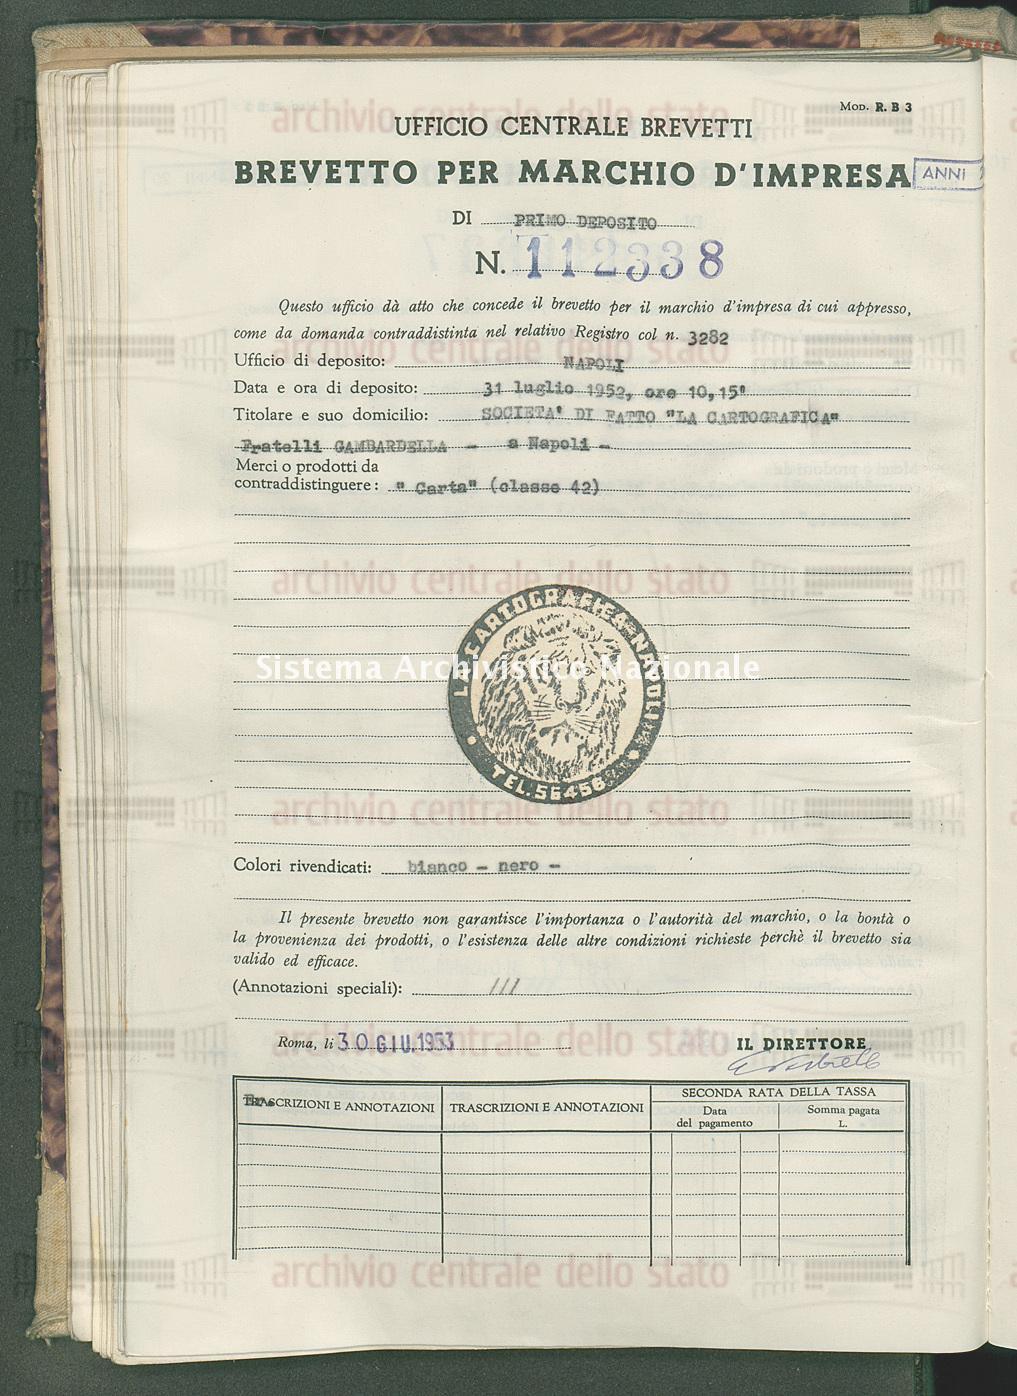 'Carta' Societa' Di Fatto 'La Cartografica' Fratelli Gambardella (30/06/1953)